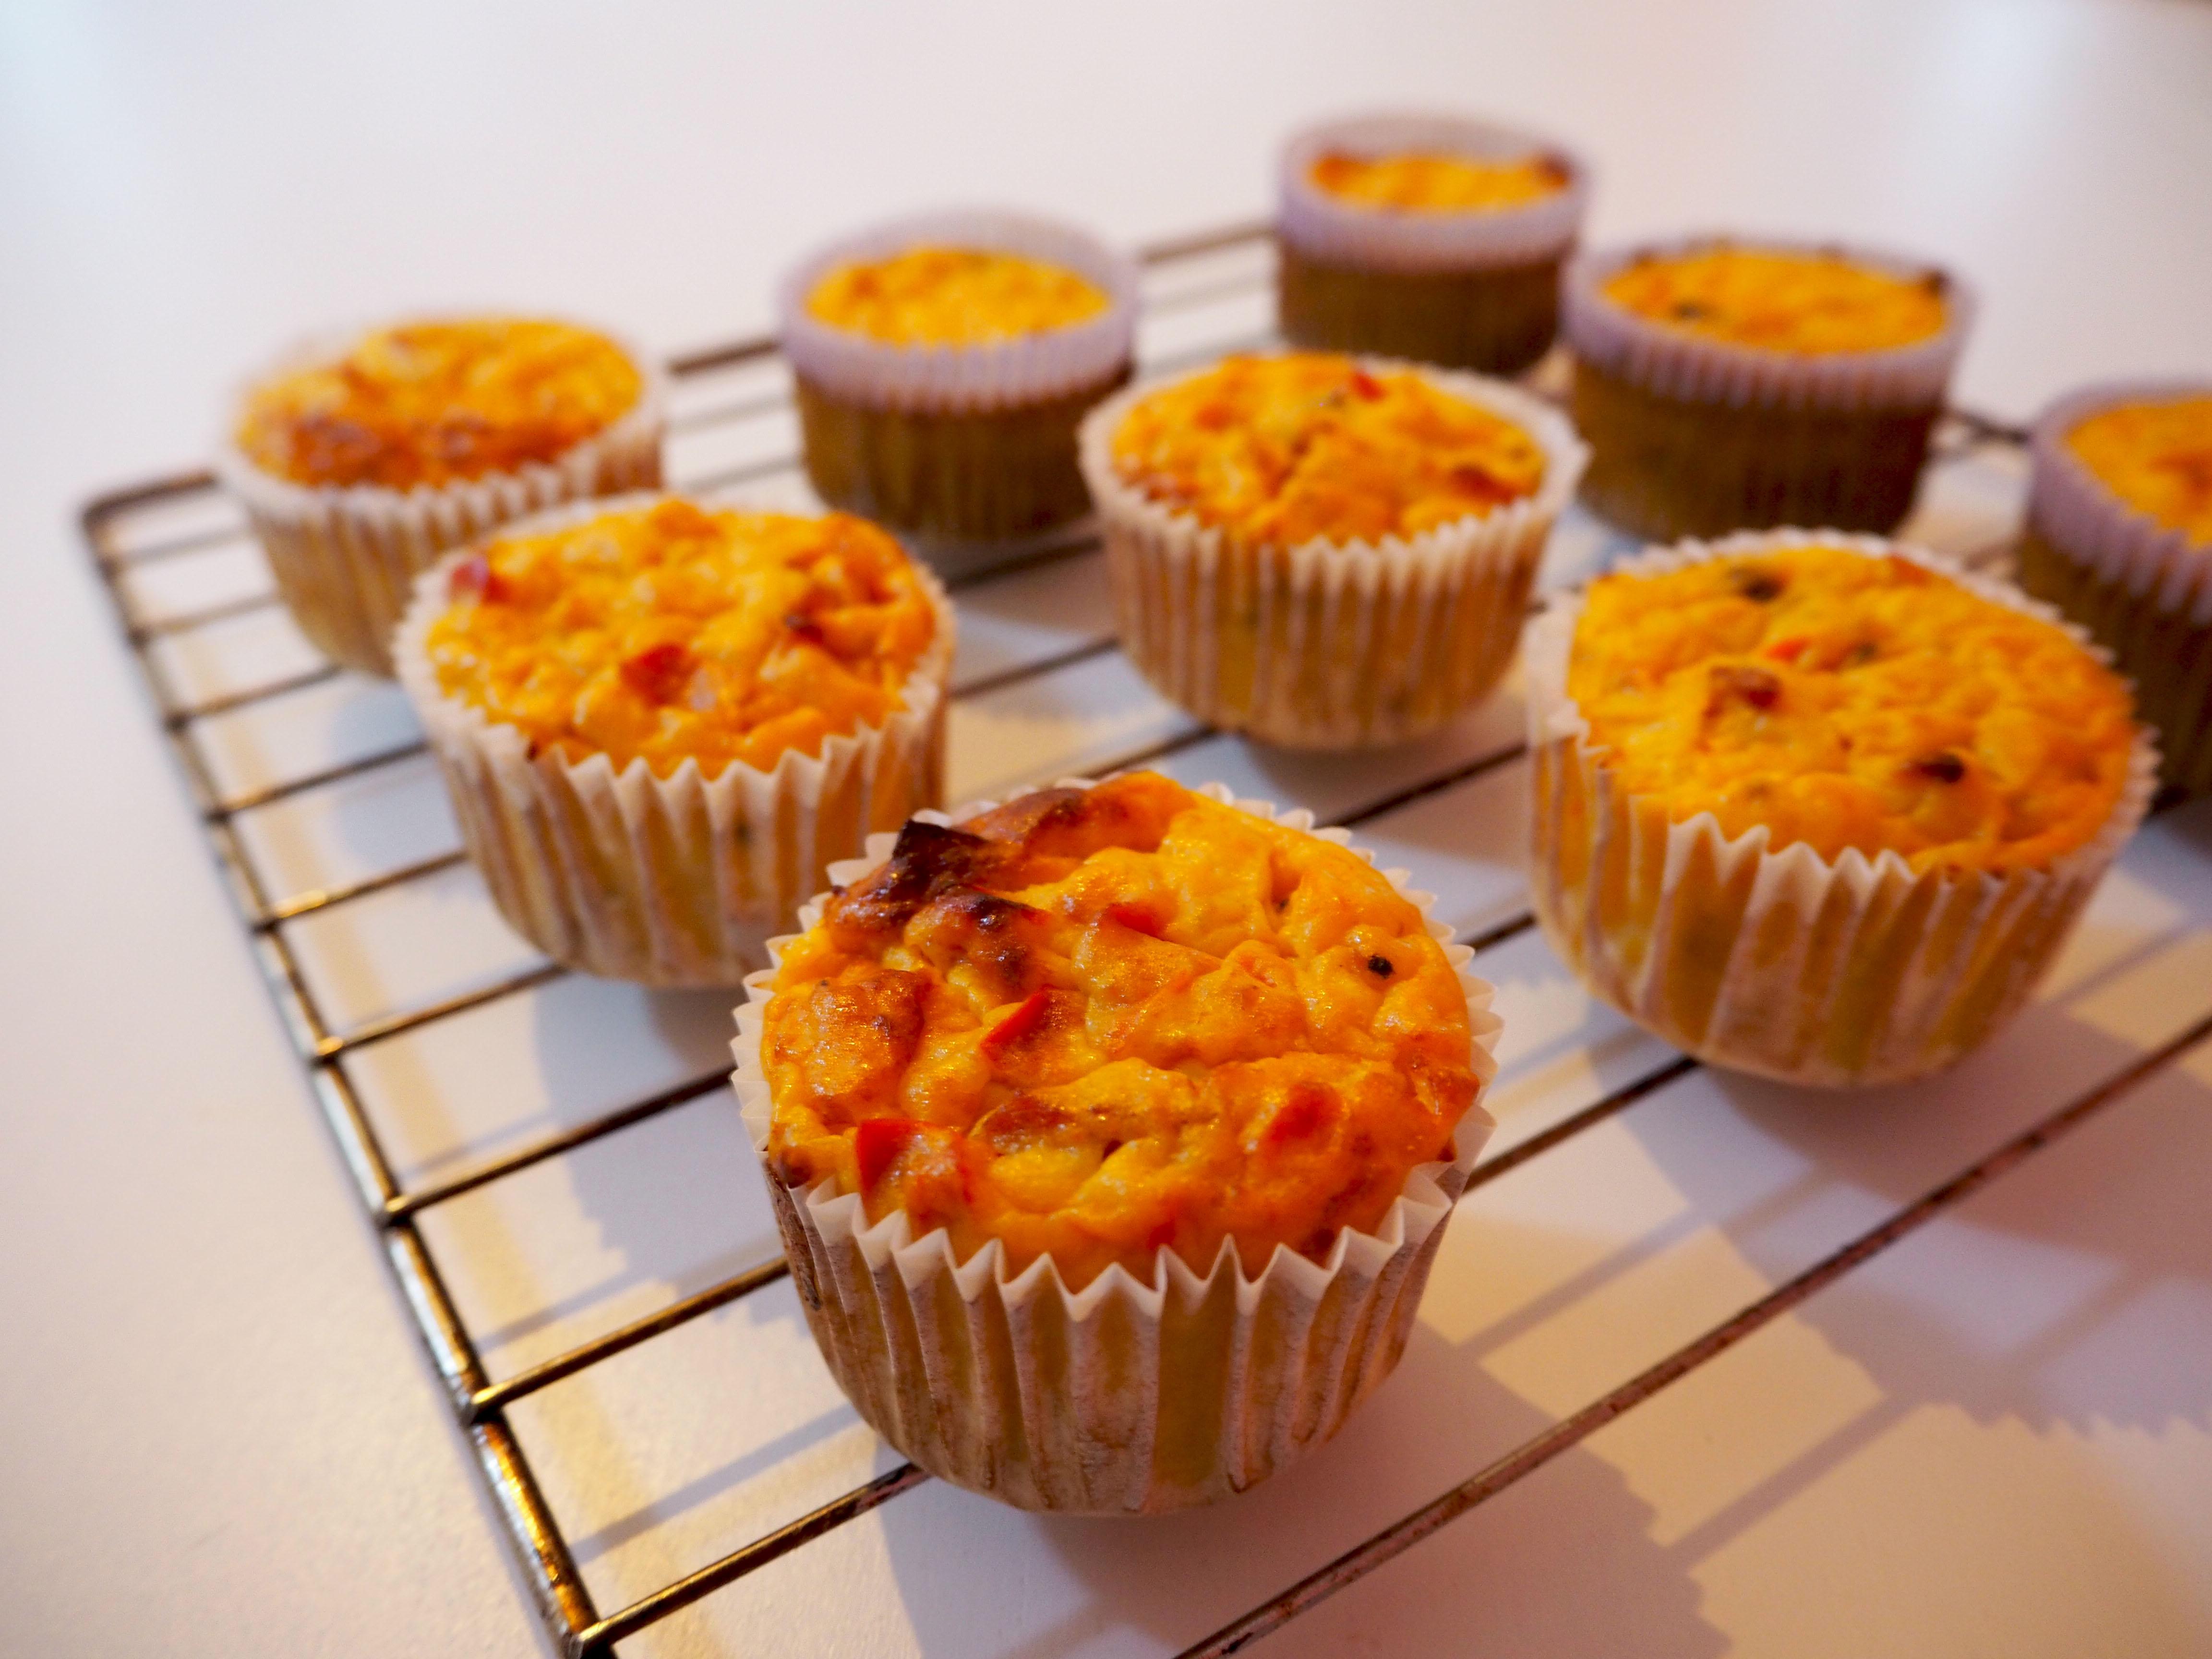 hartige muffins van koolraap stamppot